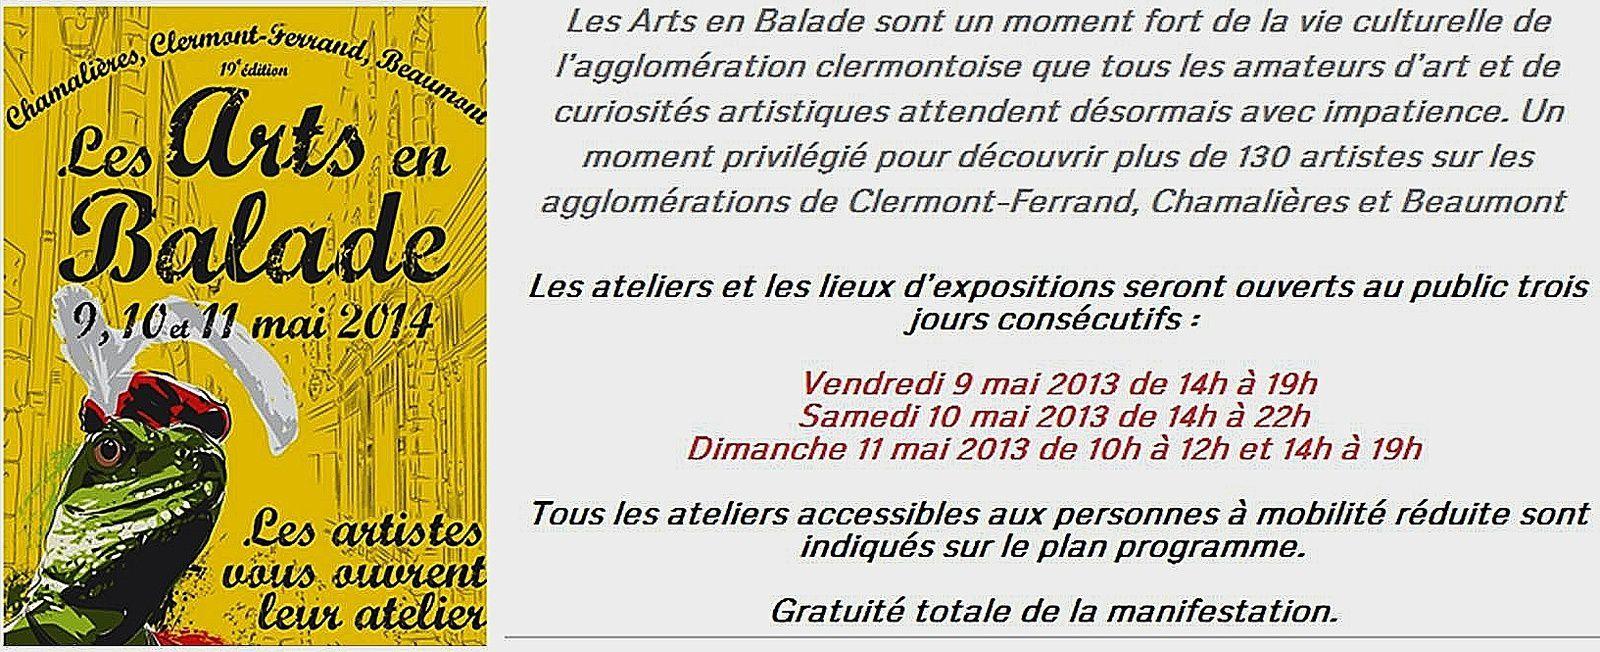 9, 10 et 11 mai Atelier-Galerie ouvert !